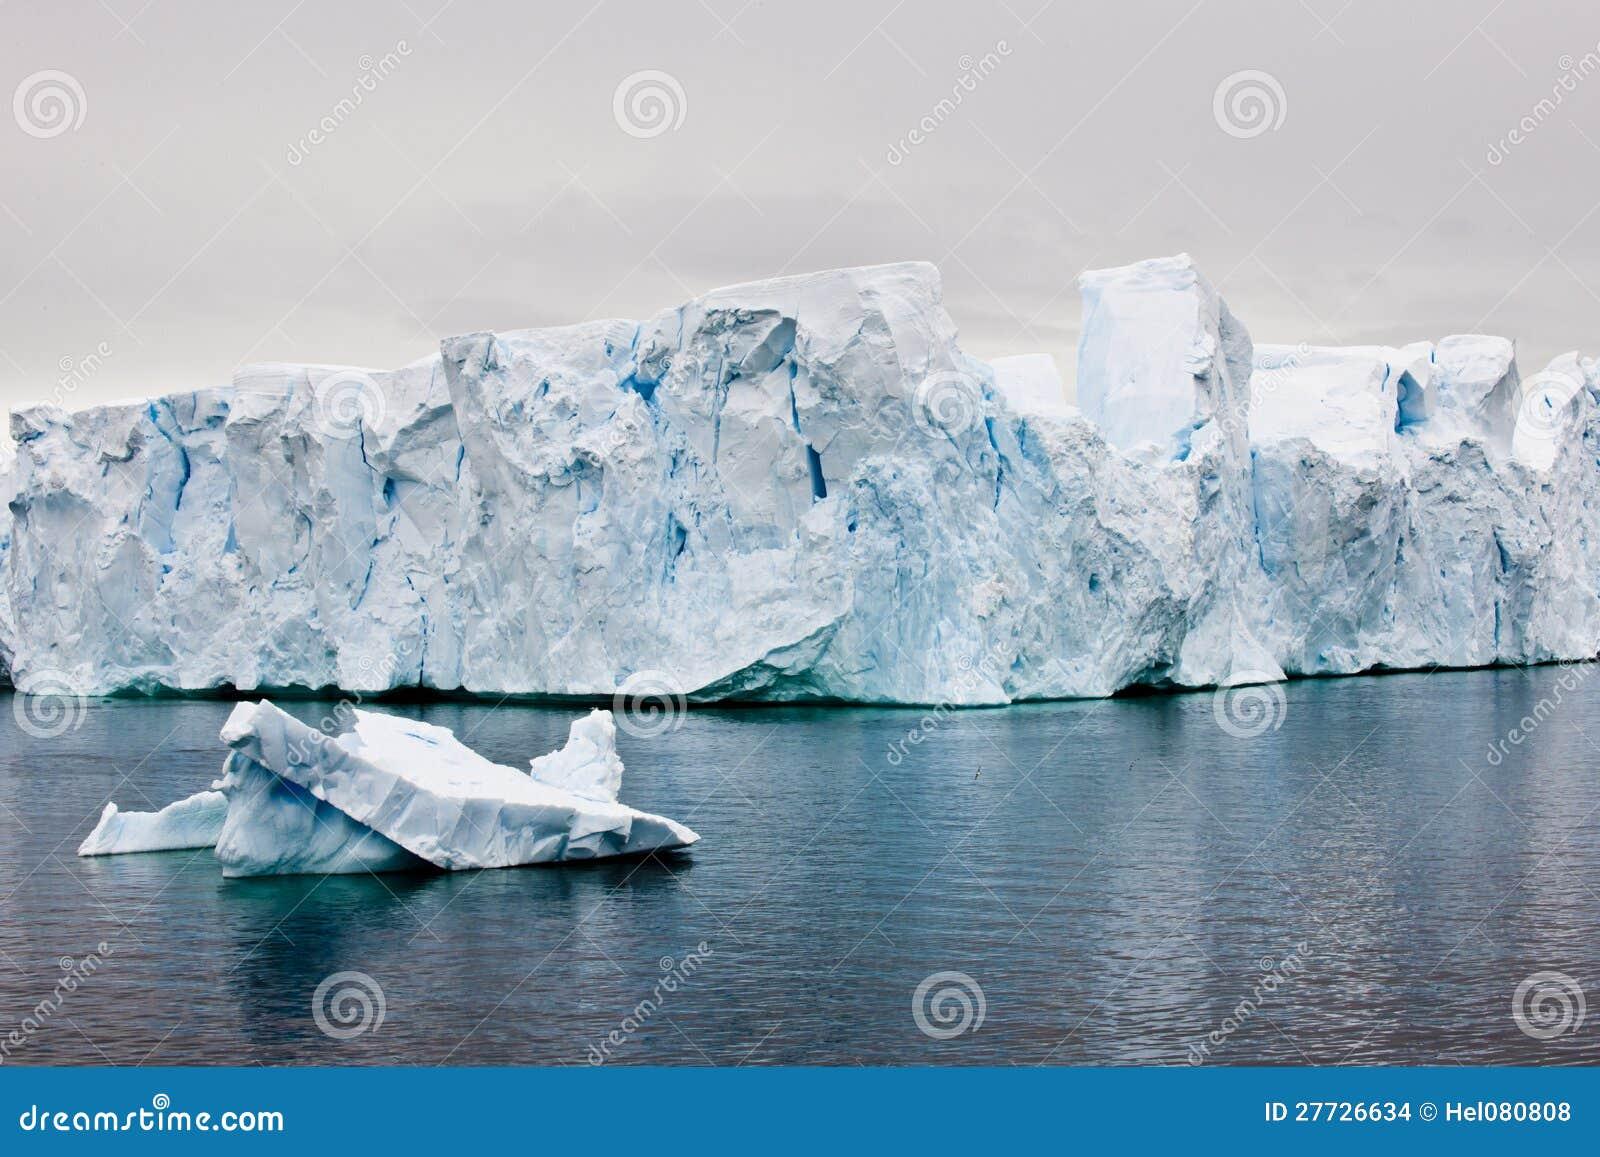 Schöne antarktische Eisberge mit Tierkreis in der Frontseite